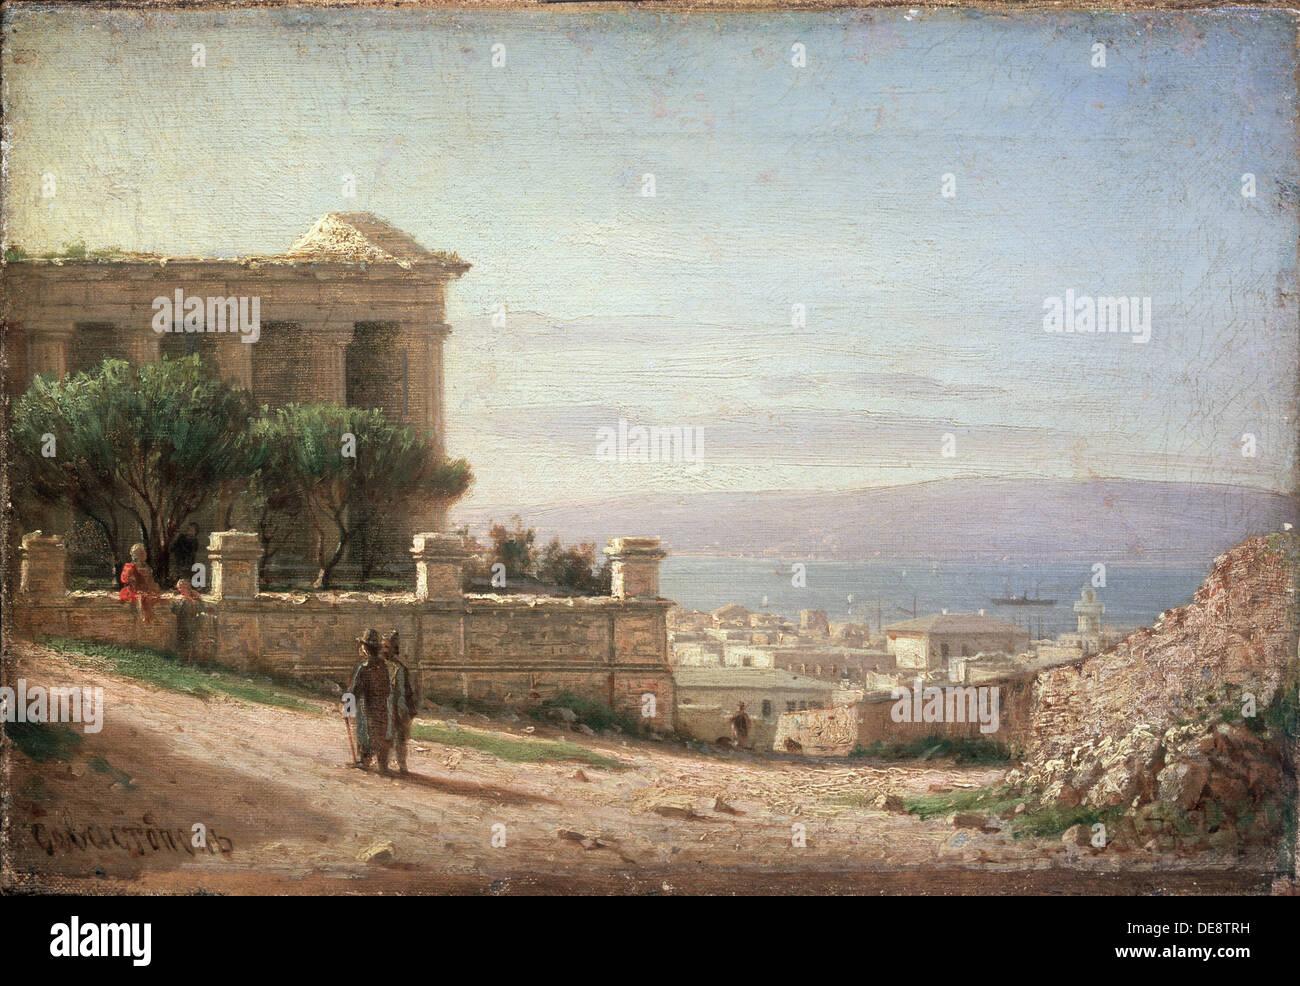 Sevastopol. Artist: Vereshchagin, Pyotr Petrovich (1836-1886) - Stock Image